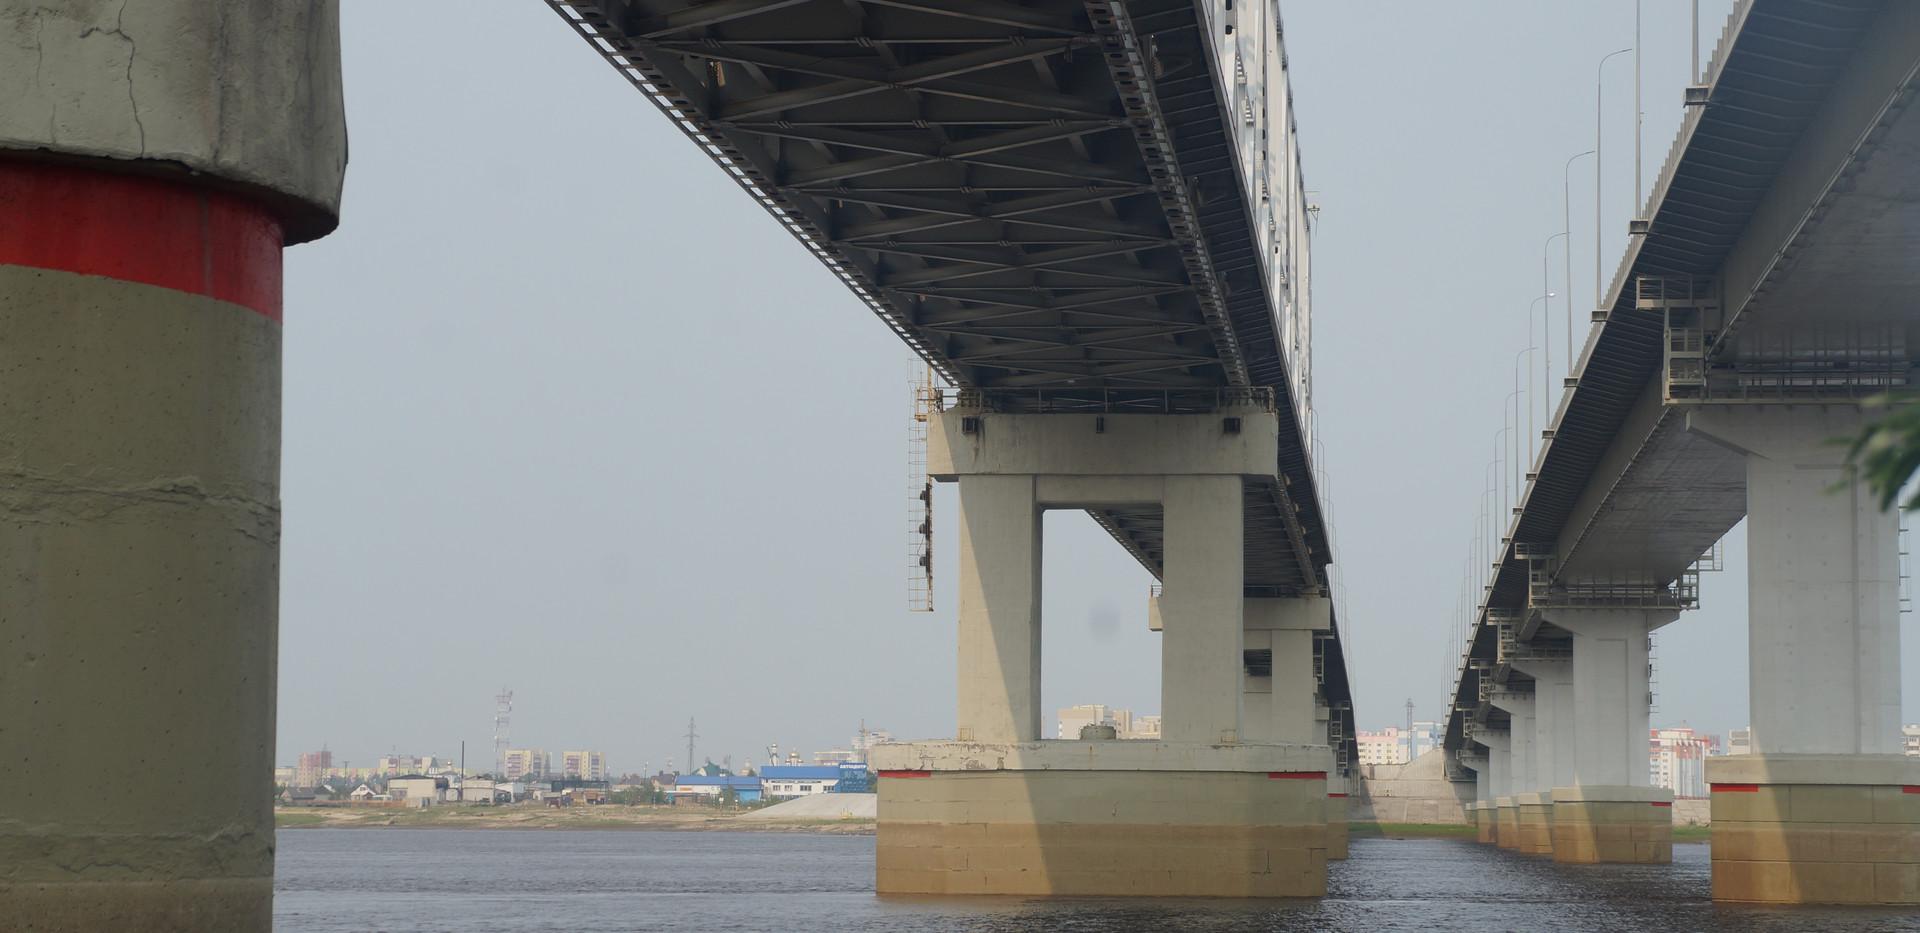 Обследование моста ч/з реку Обь (Нефтеюганск)